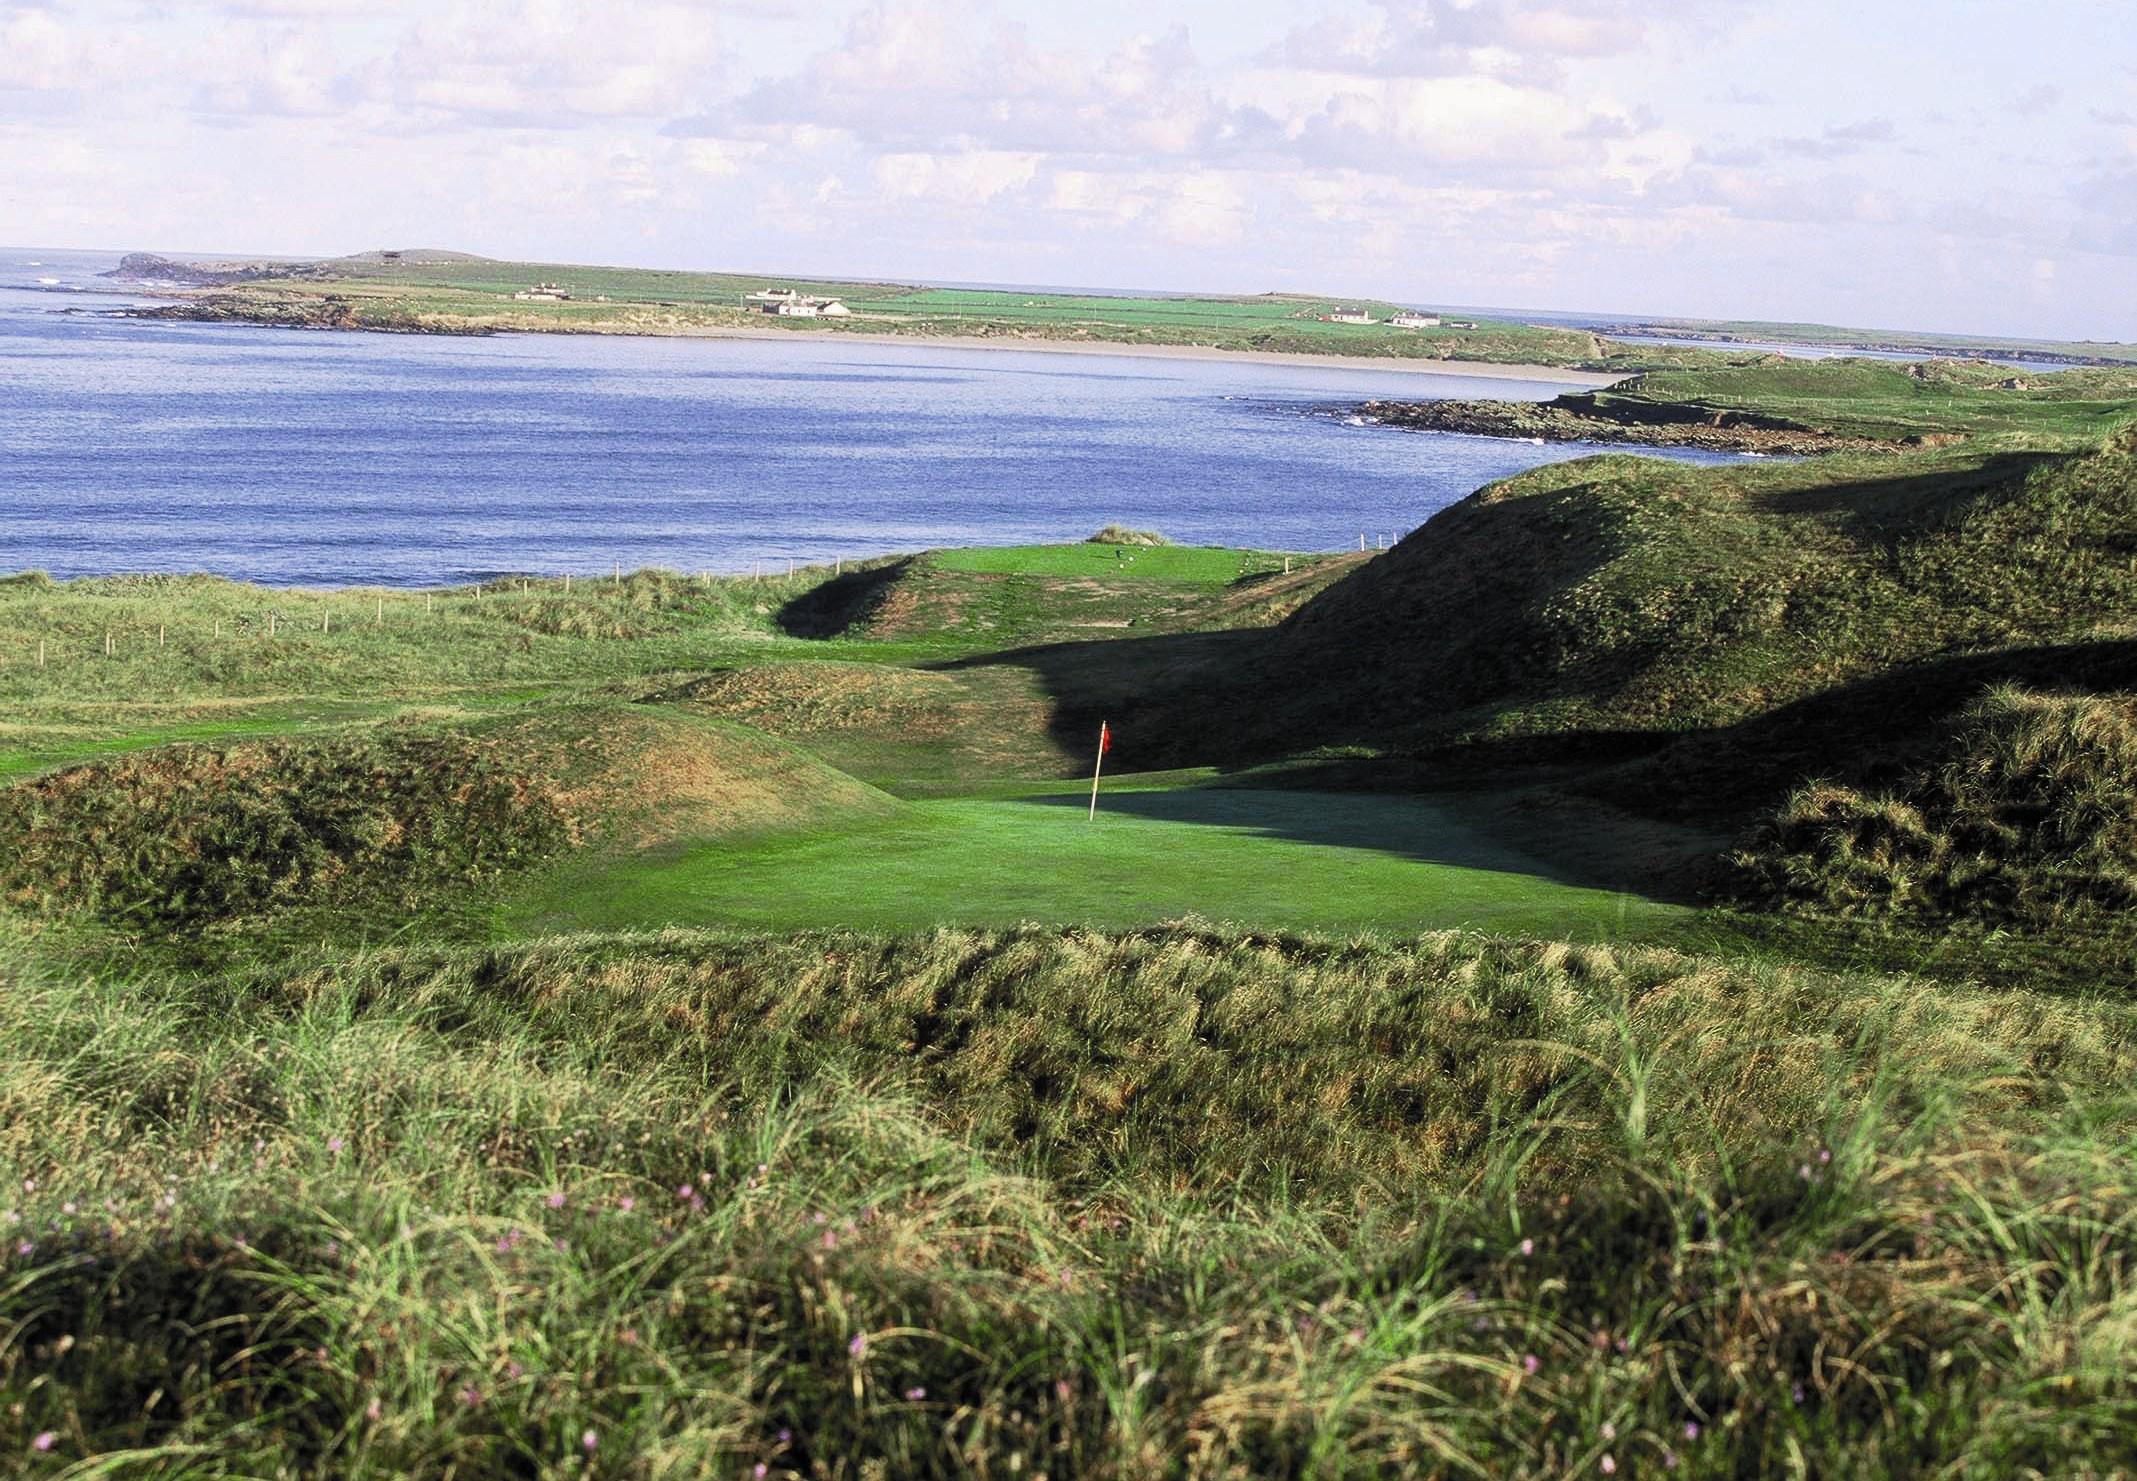 Carne Golf Club Ireland